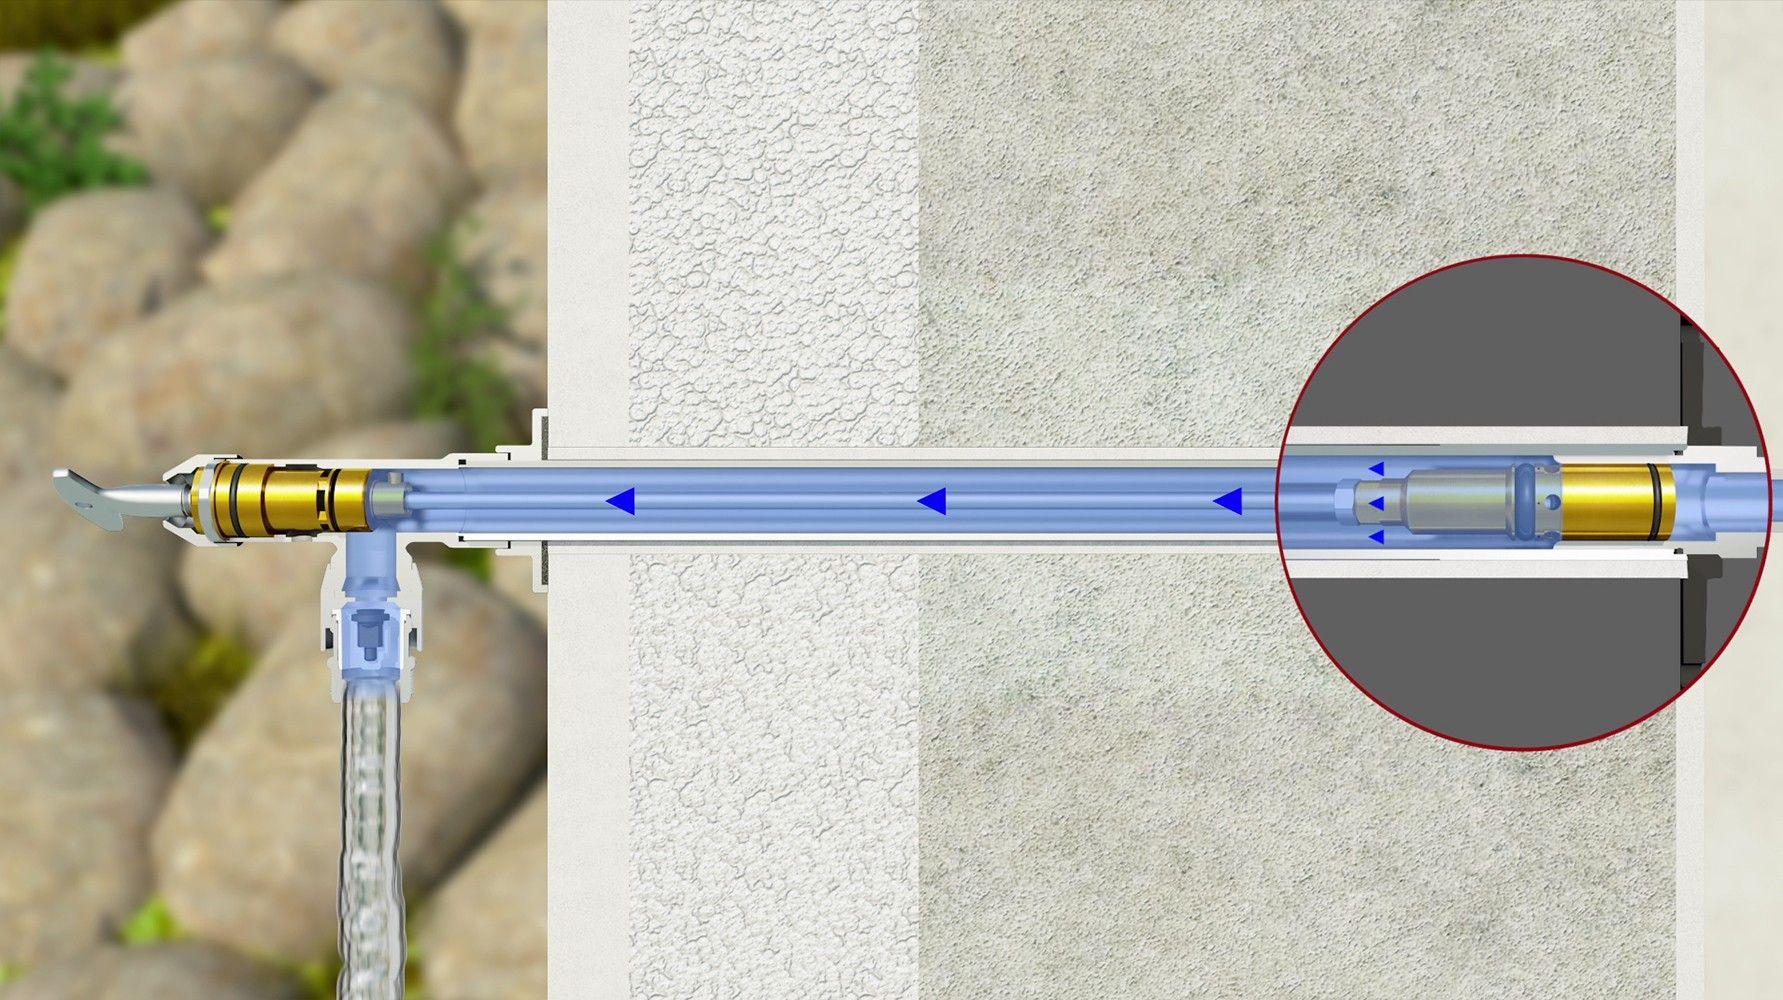 visualisierung schell_1 3d